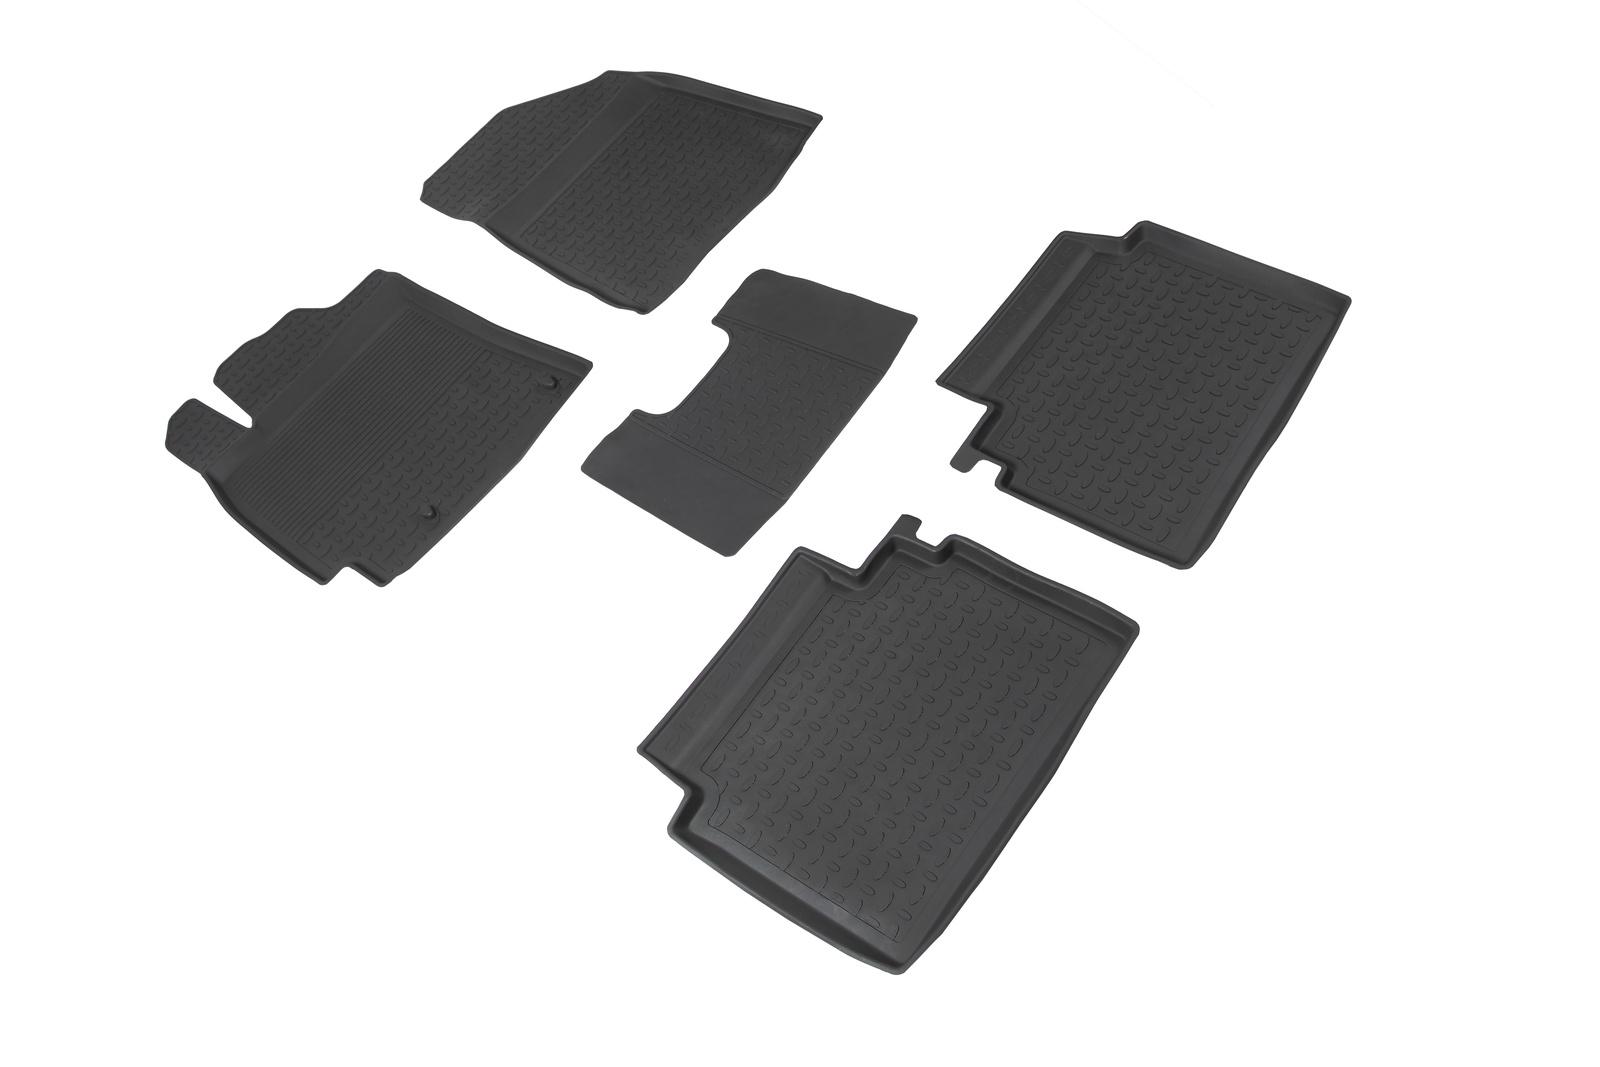 Коврики в салон автомобиля Seintex Резиновые коврики с высоким бортом для KIA Cerato IV 2018-н.в. недорго, оригинальная цена